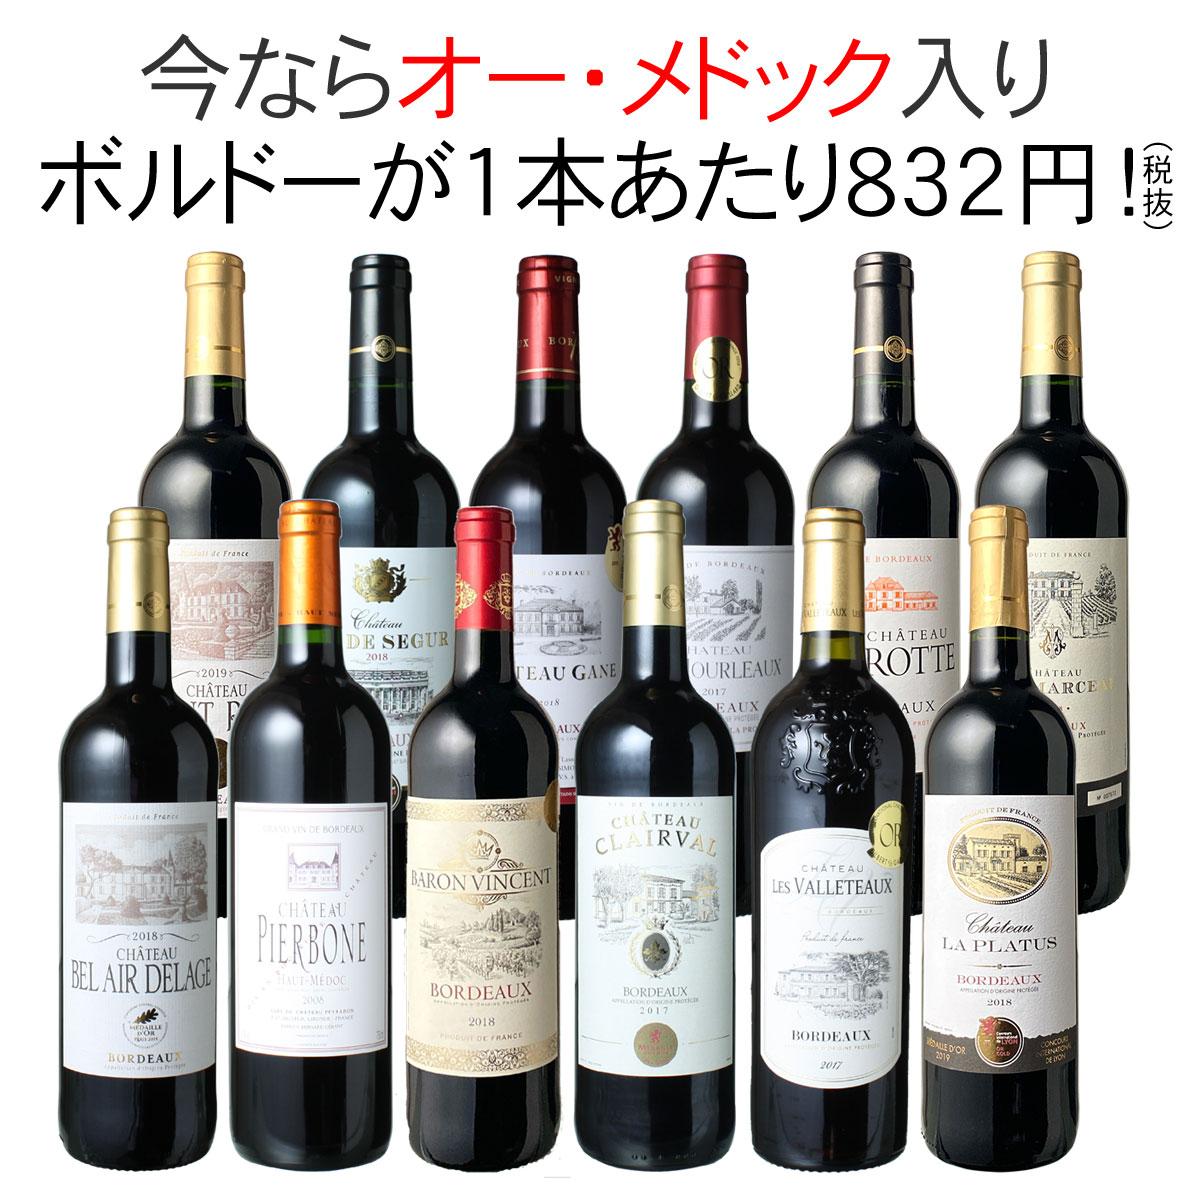 ワインセット 豪華 ボルドー ワイン 12本 セット 赤ワイン オー・メドック 大当たり年 金賞 パーティー 家飲み 御祝 誕生日 ハロウィン ギフト  ※クール便ご指定の場合は高額加算になります